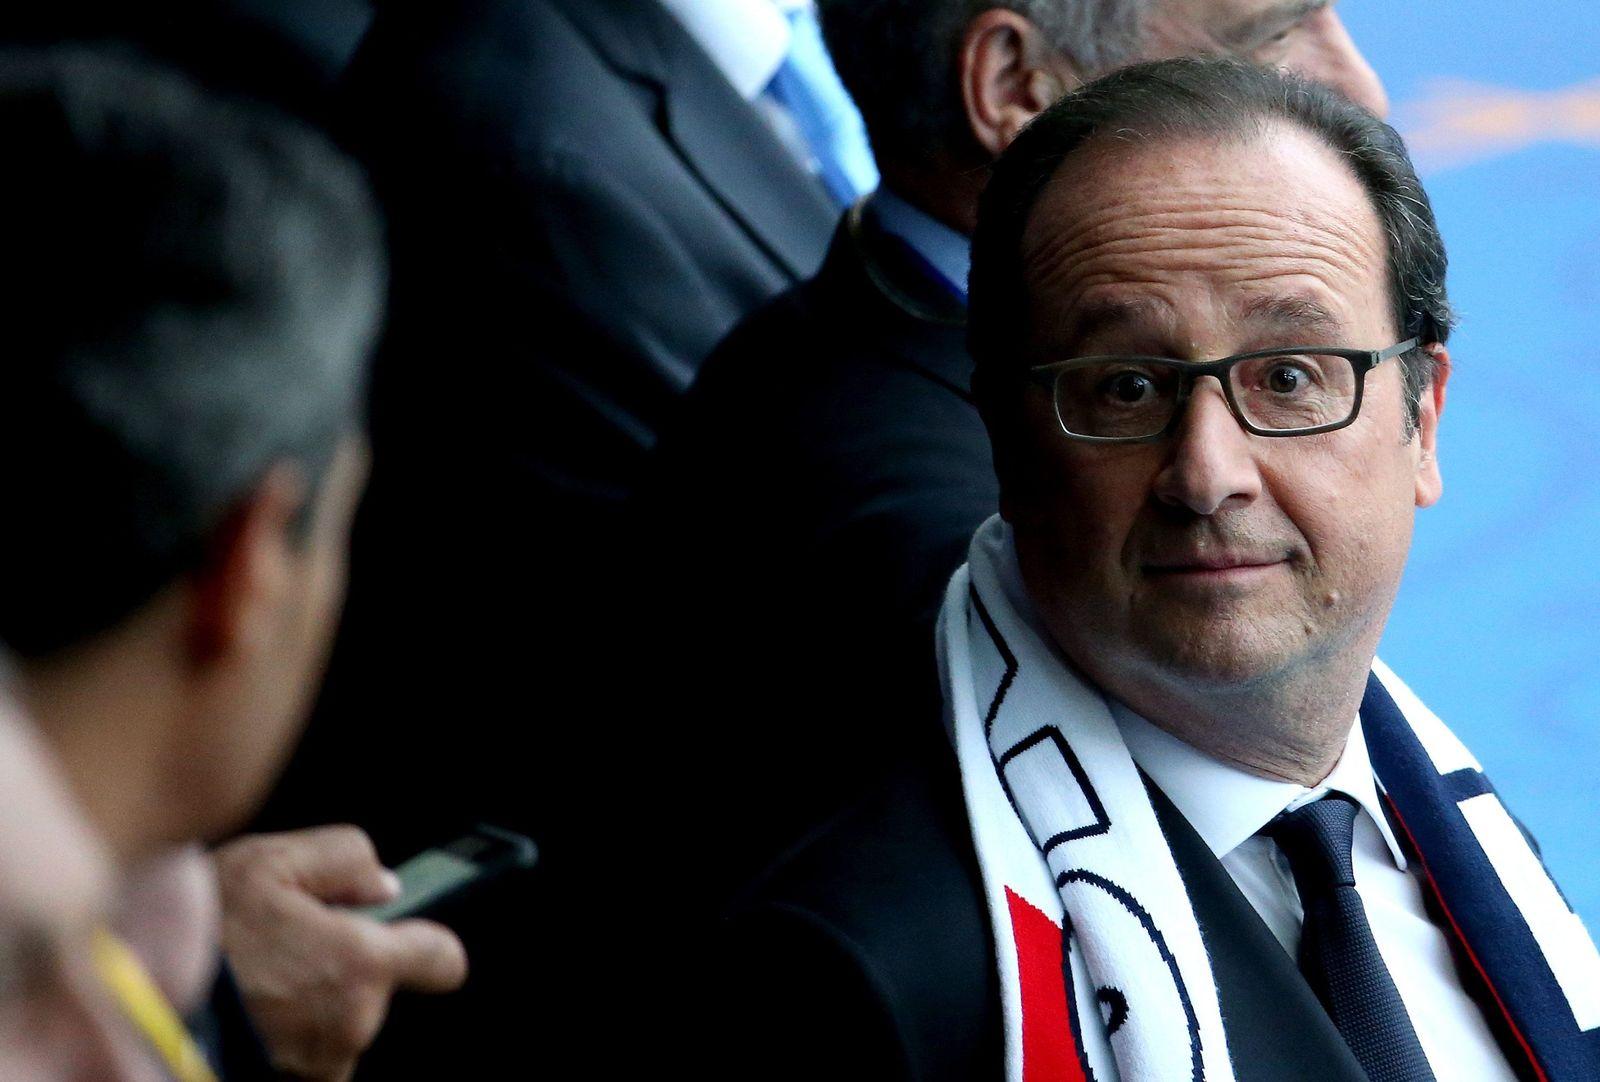 EM 2016 / EURO 2016 / Eröffnung / Francois Hollande